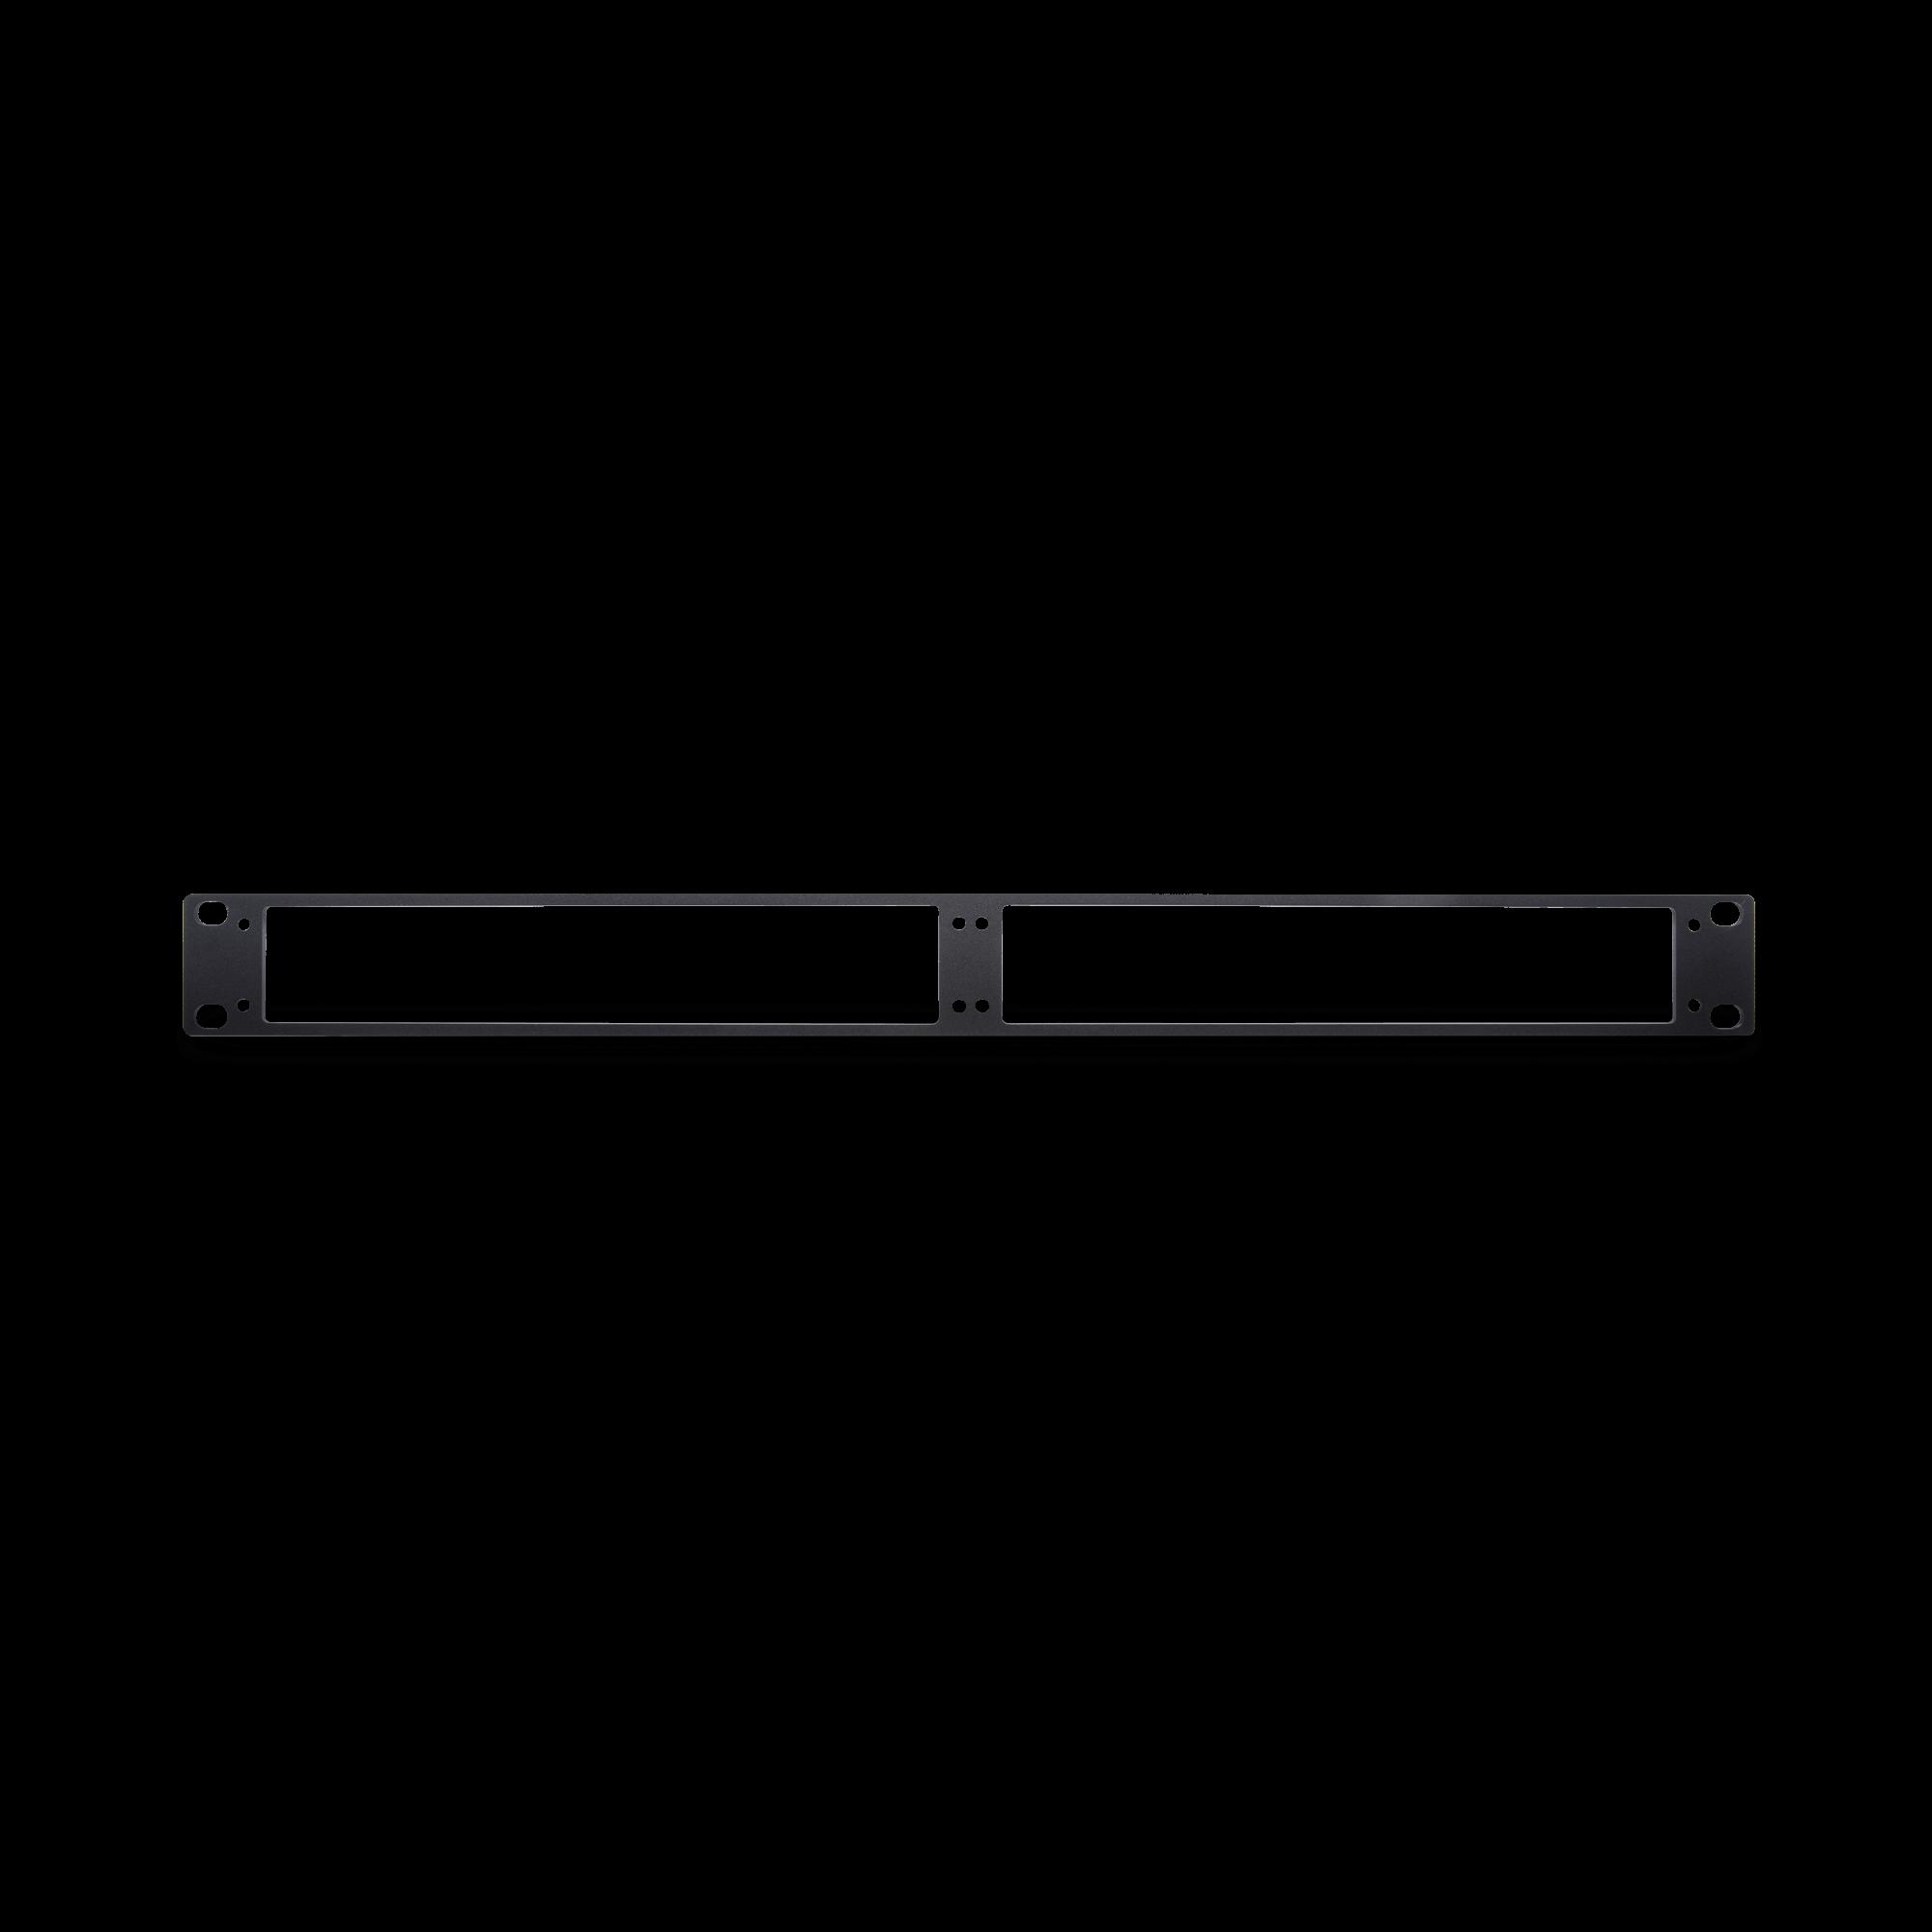 1U Rack Mounting Panel